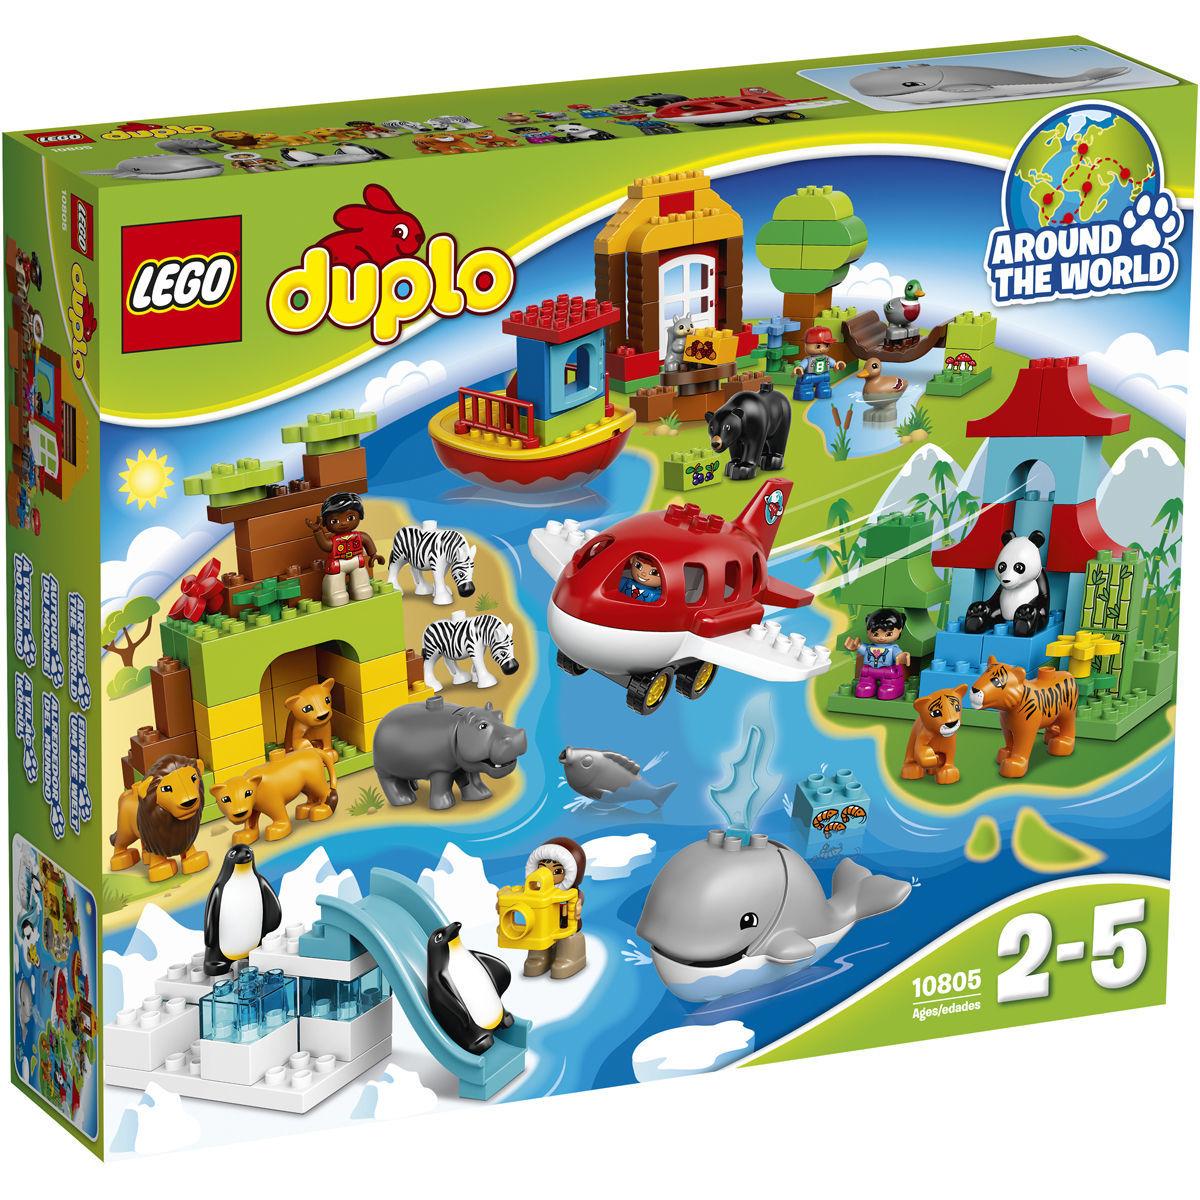 20% Rabatt auf Lego (+ weitere) bei [Karstadt] z.B. Duplo 10805 Einmal um die Welt für 55,99€ bei Abholung